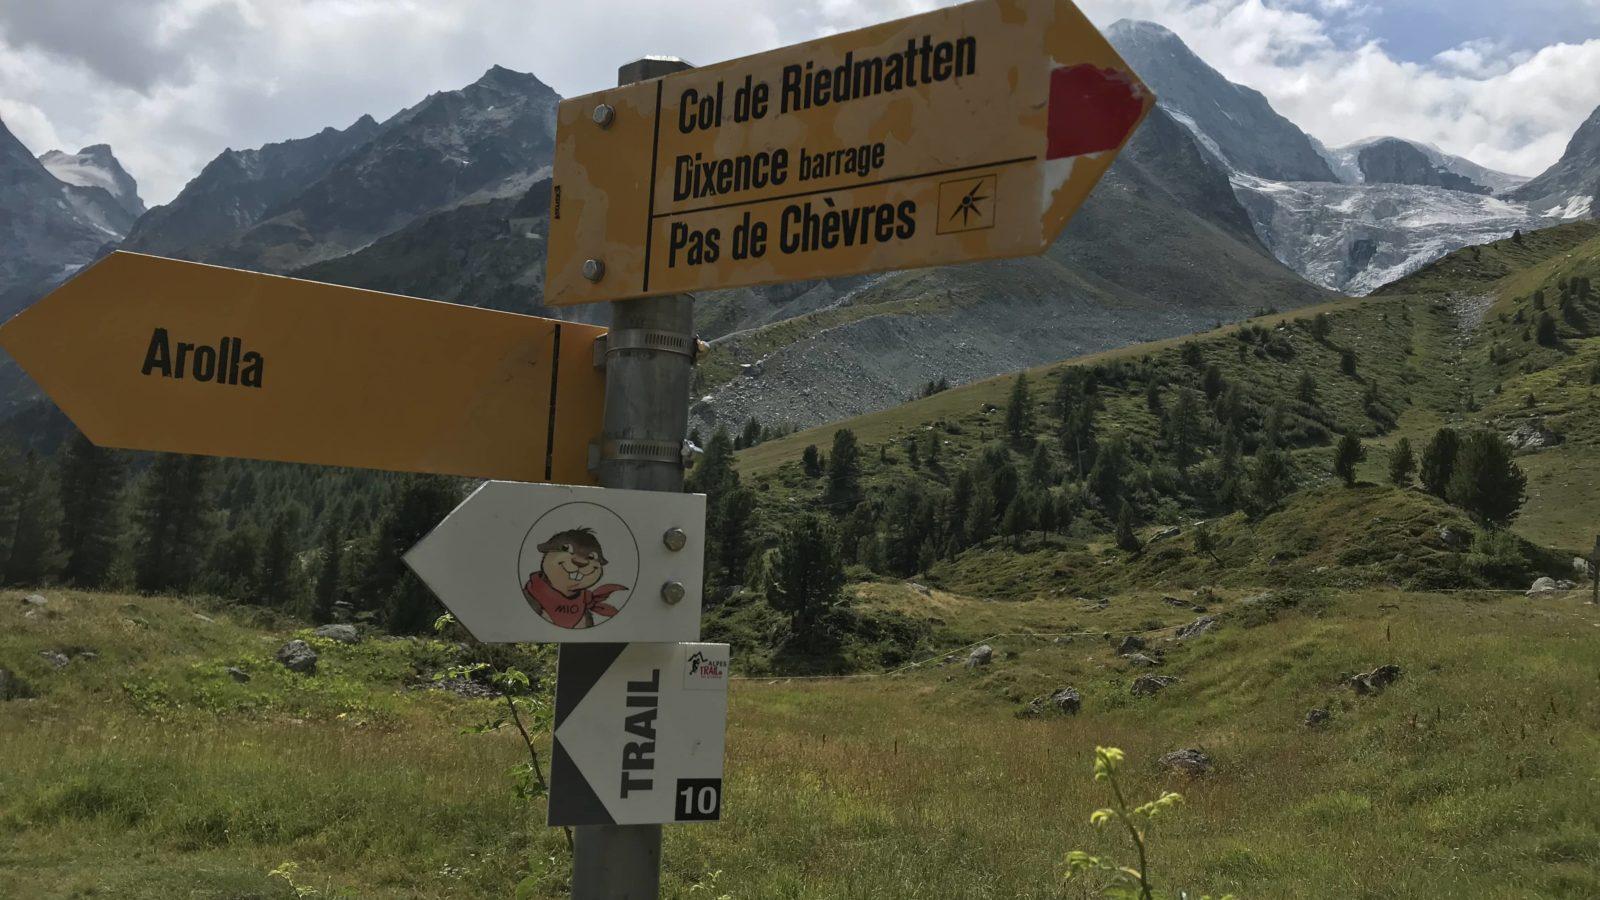 Col de Riedmatten vs Pas de Chèvres : lequel choisir ?